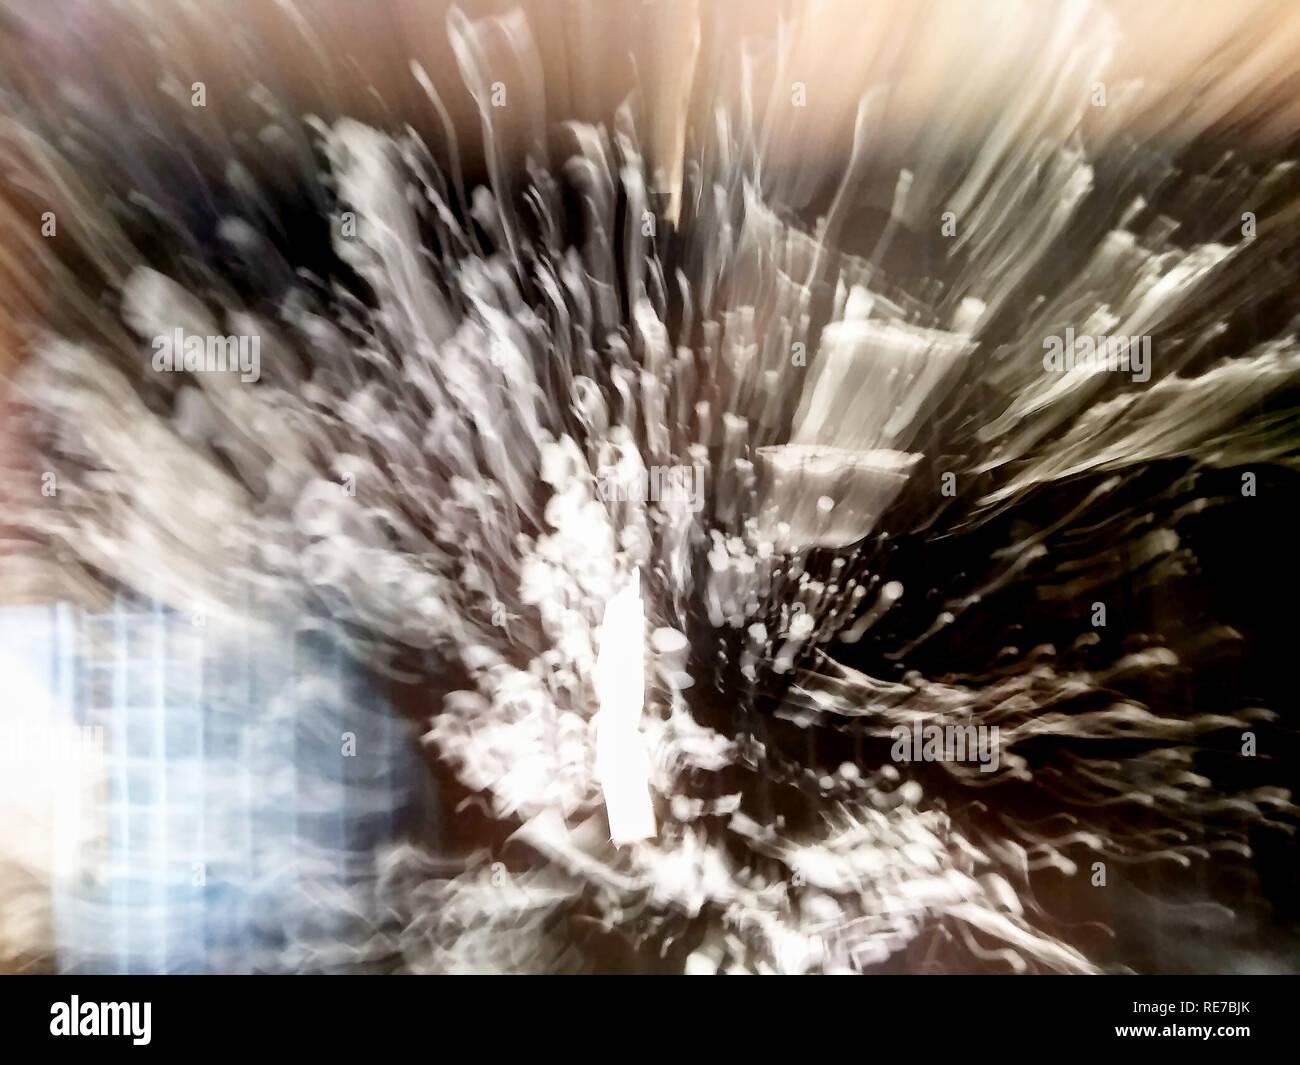 Abstraktion in der Art der Bewegung, Raum. Black Abyss Stockbild